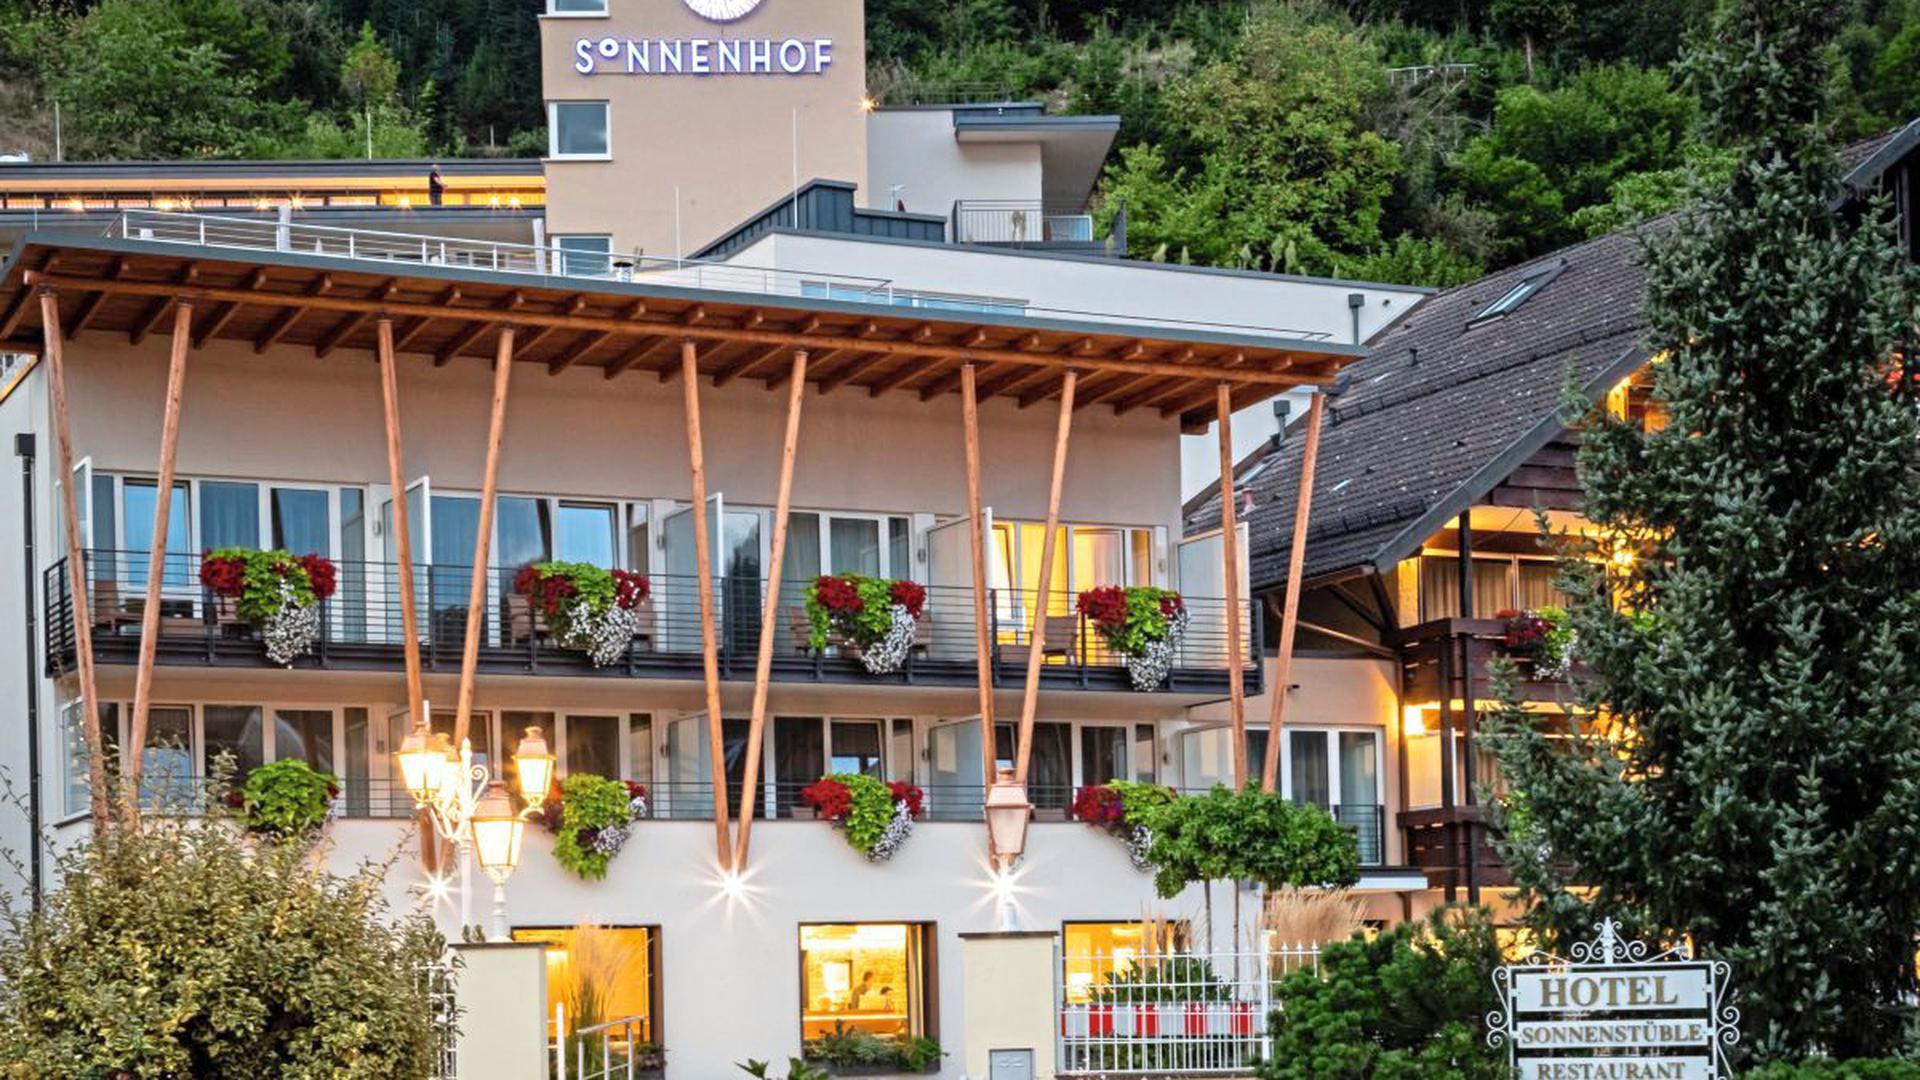 """Erholung pur bietet das Hotel Sonnenhof in Lautenbach mit """"Espacially for Two-Night"""" im idyllischen Renchtal."""